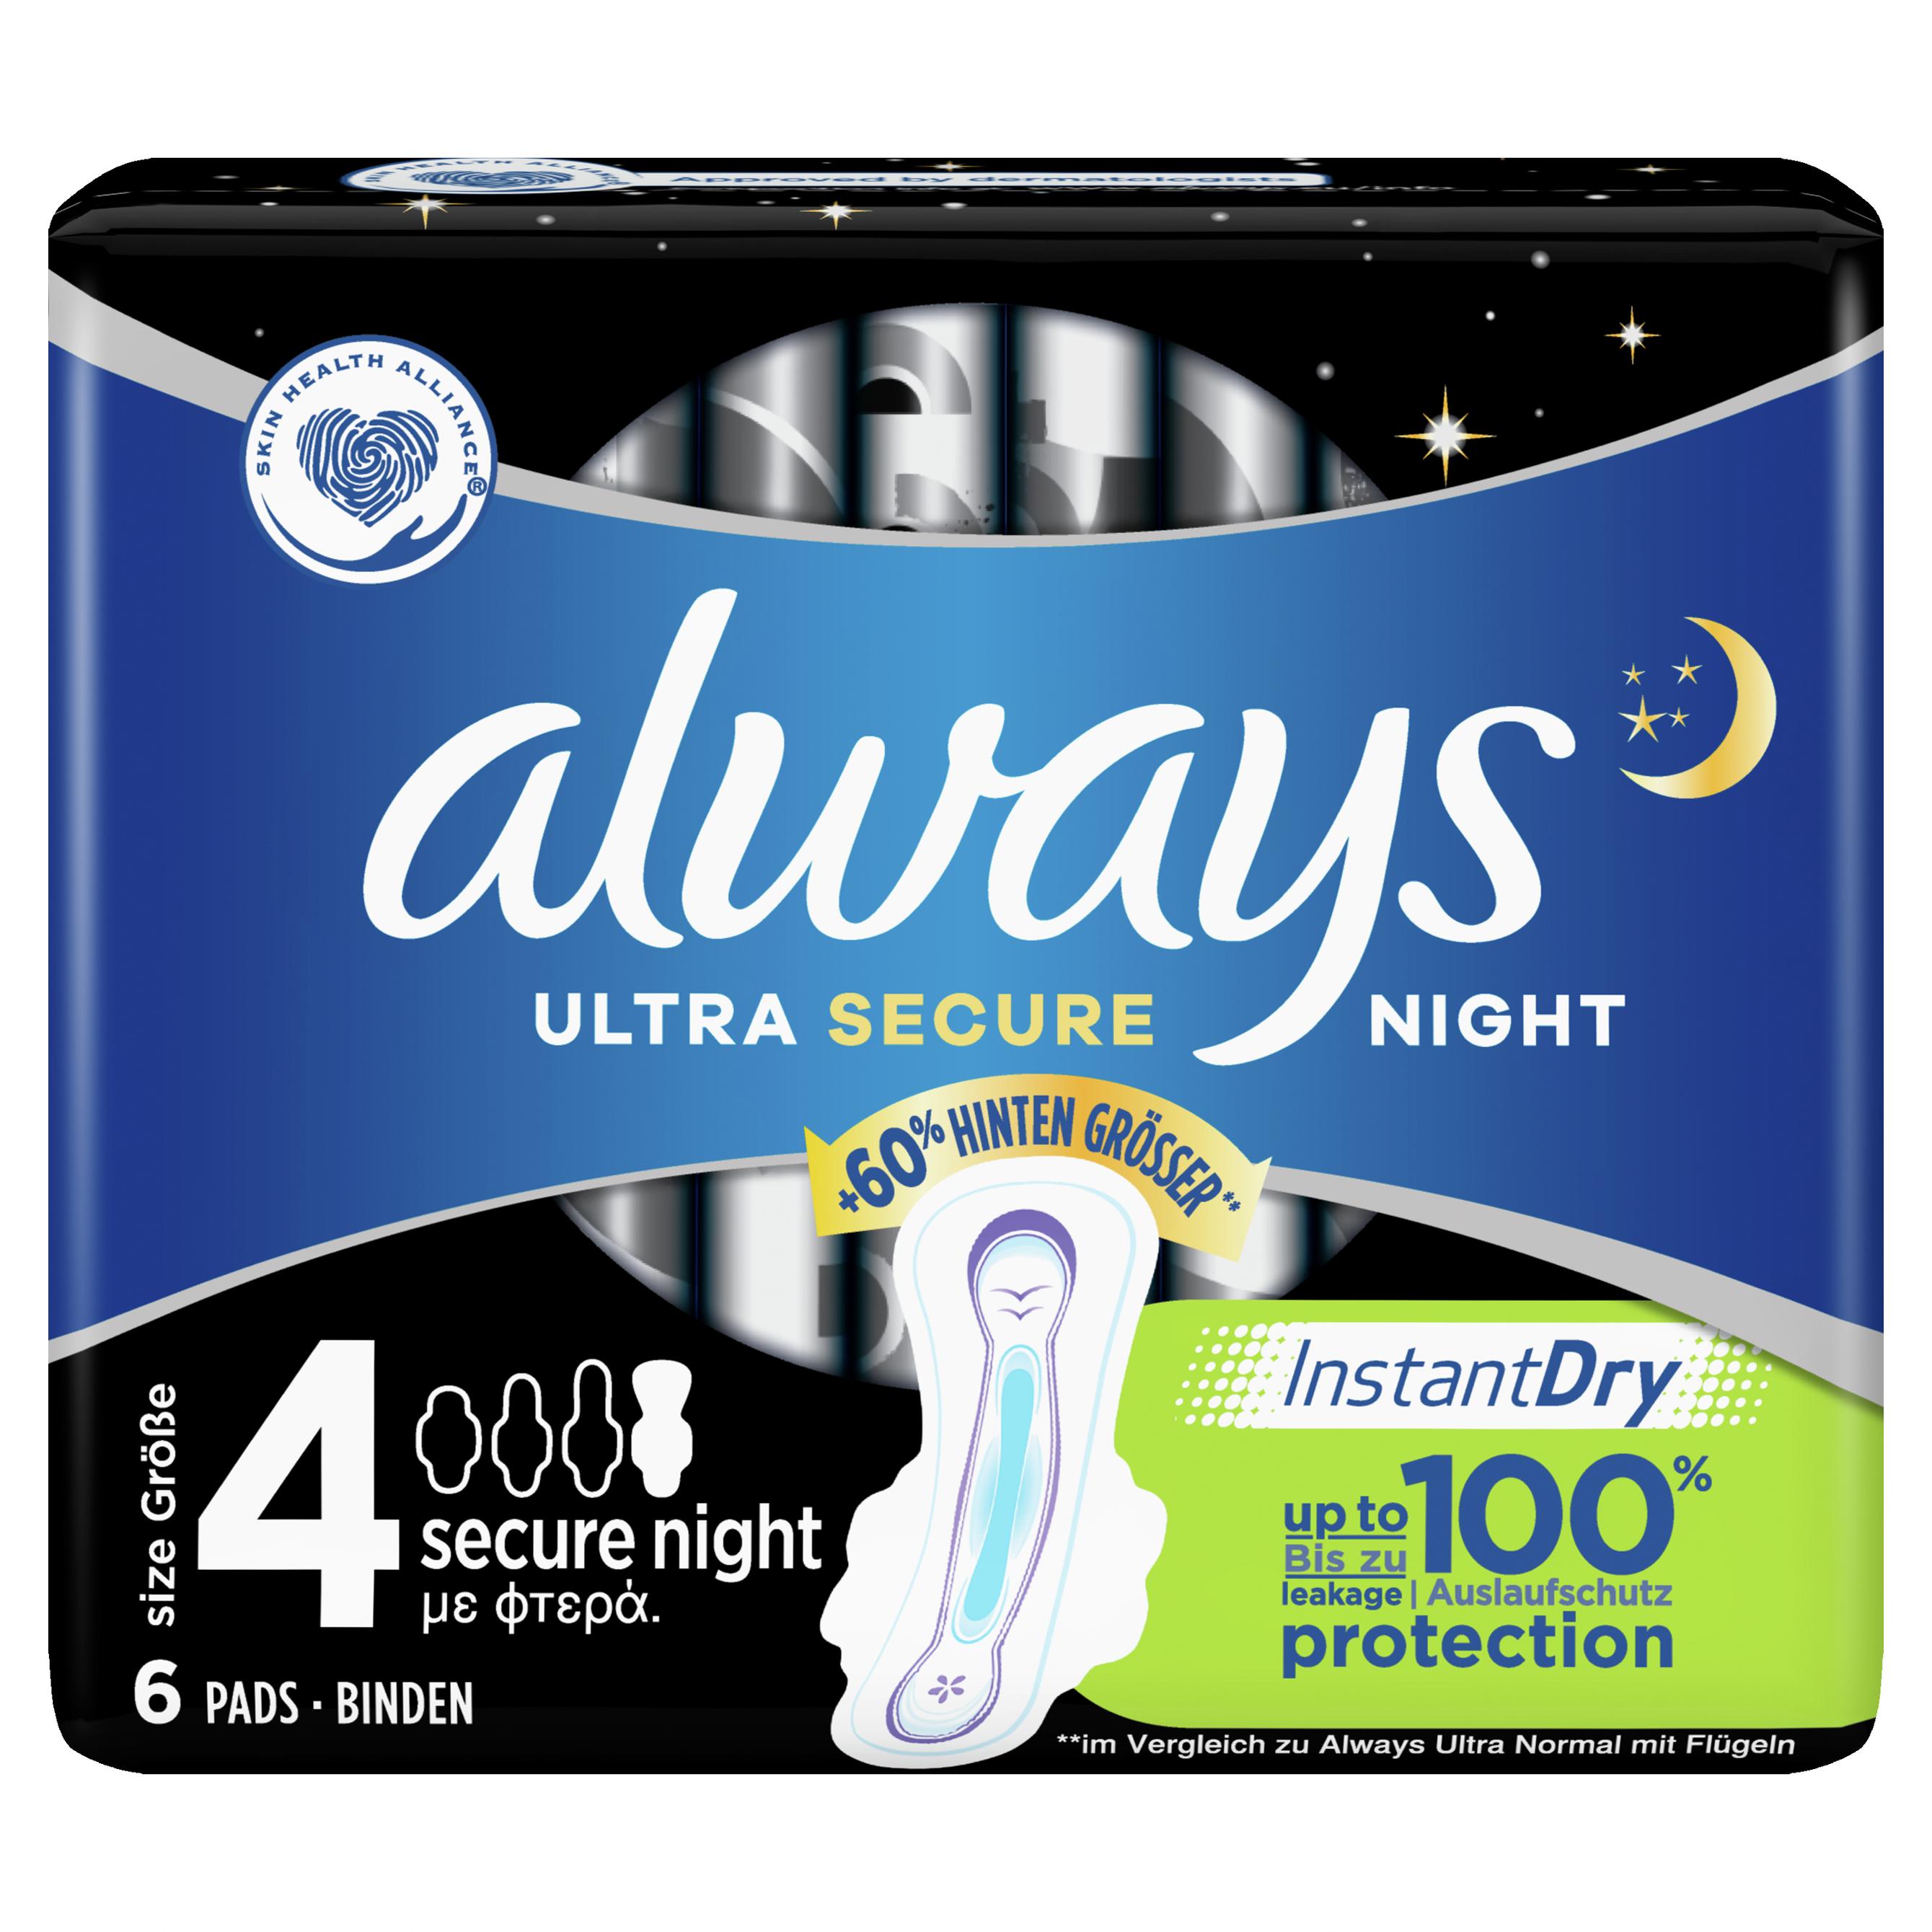 Always Σερβιέτες Ultra Secure Night Σερβιέτες για Αίσθηση Καθαριότητας & Φρεσκάδας για Μέχρι & 8 Ώρες 6 τεμάχια